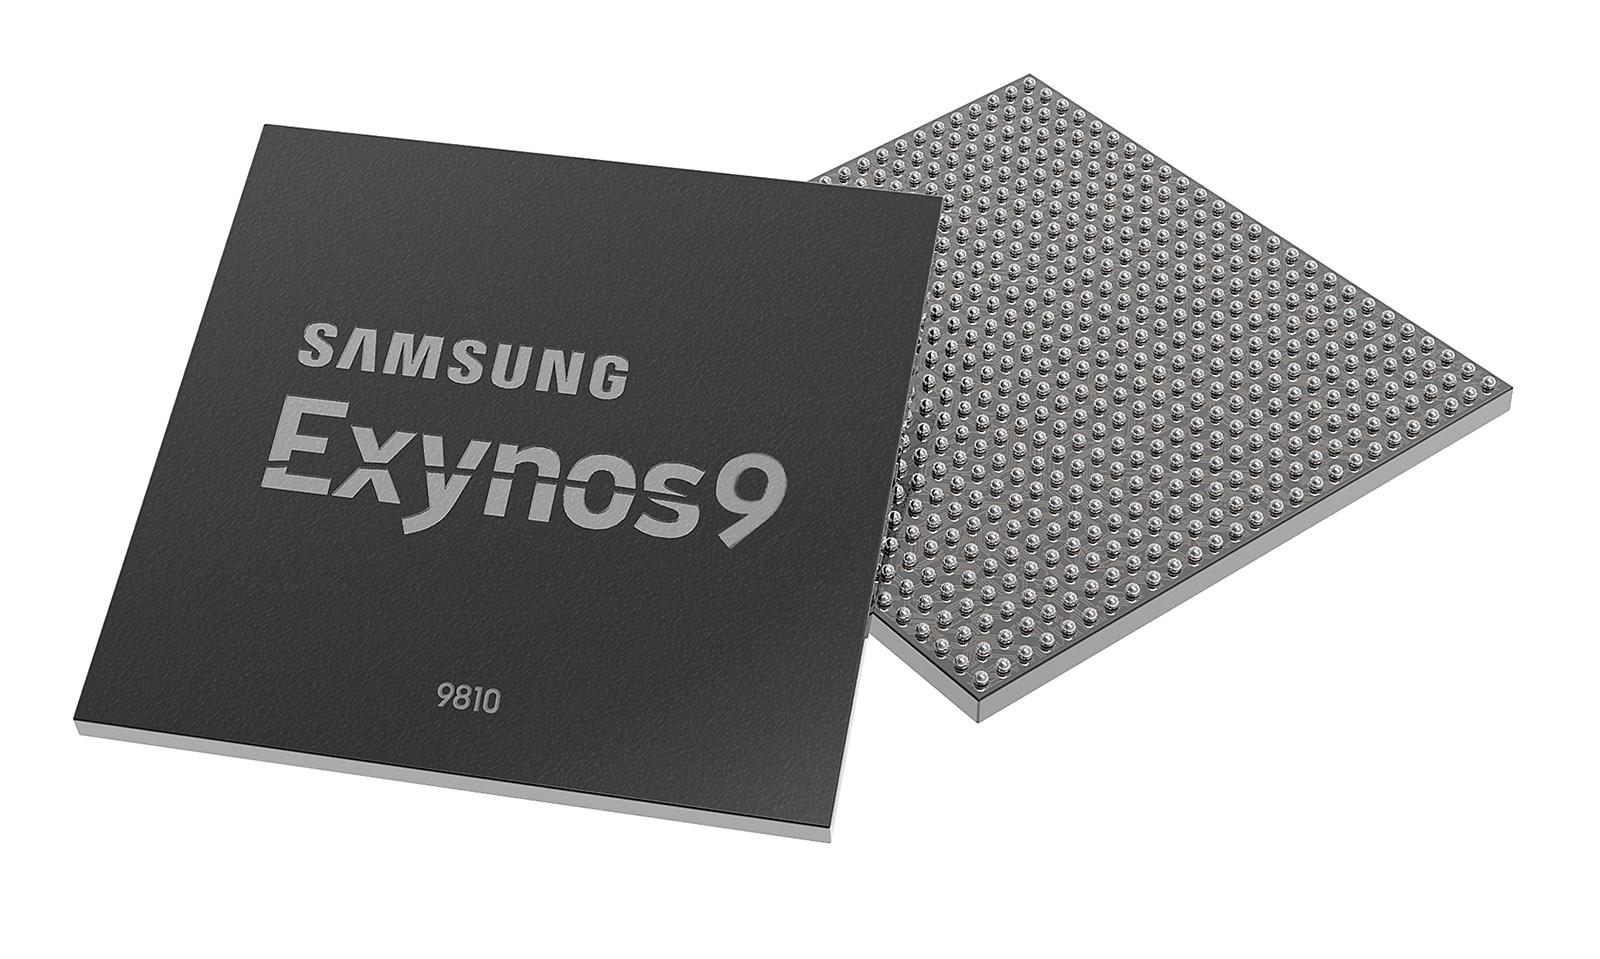 El procesador del Galaxy S9 tendrá funciones de detección facial como las del iPhone X